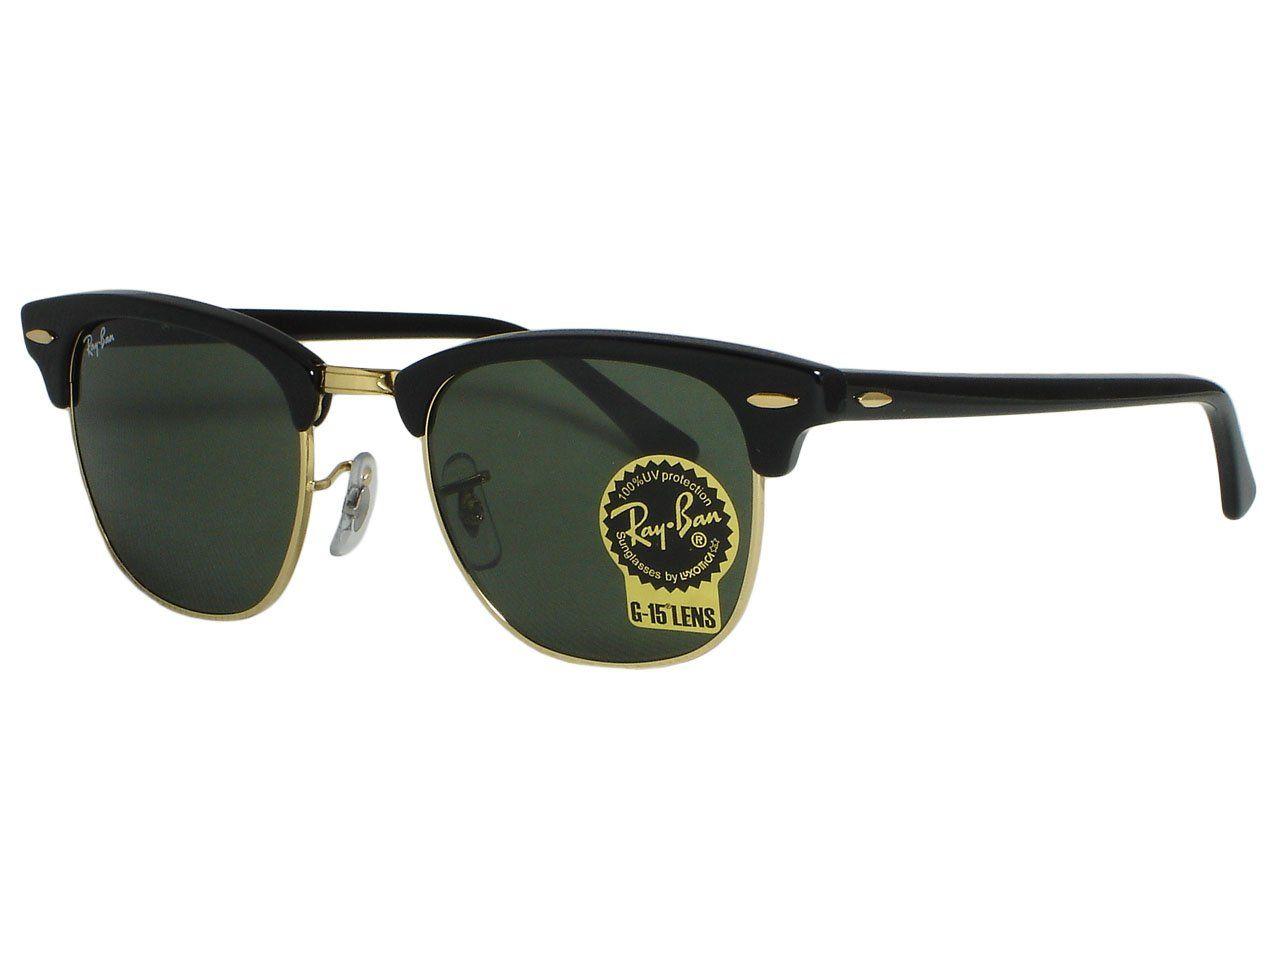 239b607307 Amazon.com: rayban junior eyeglasses